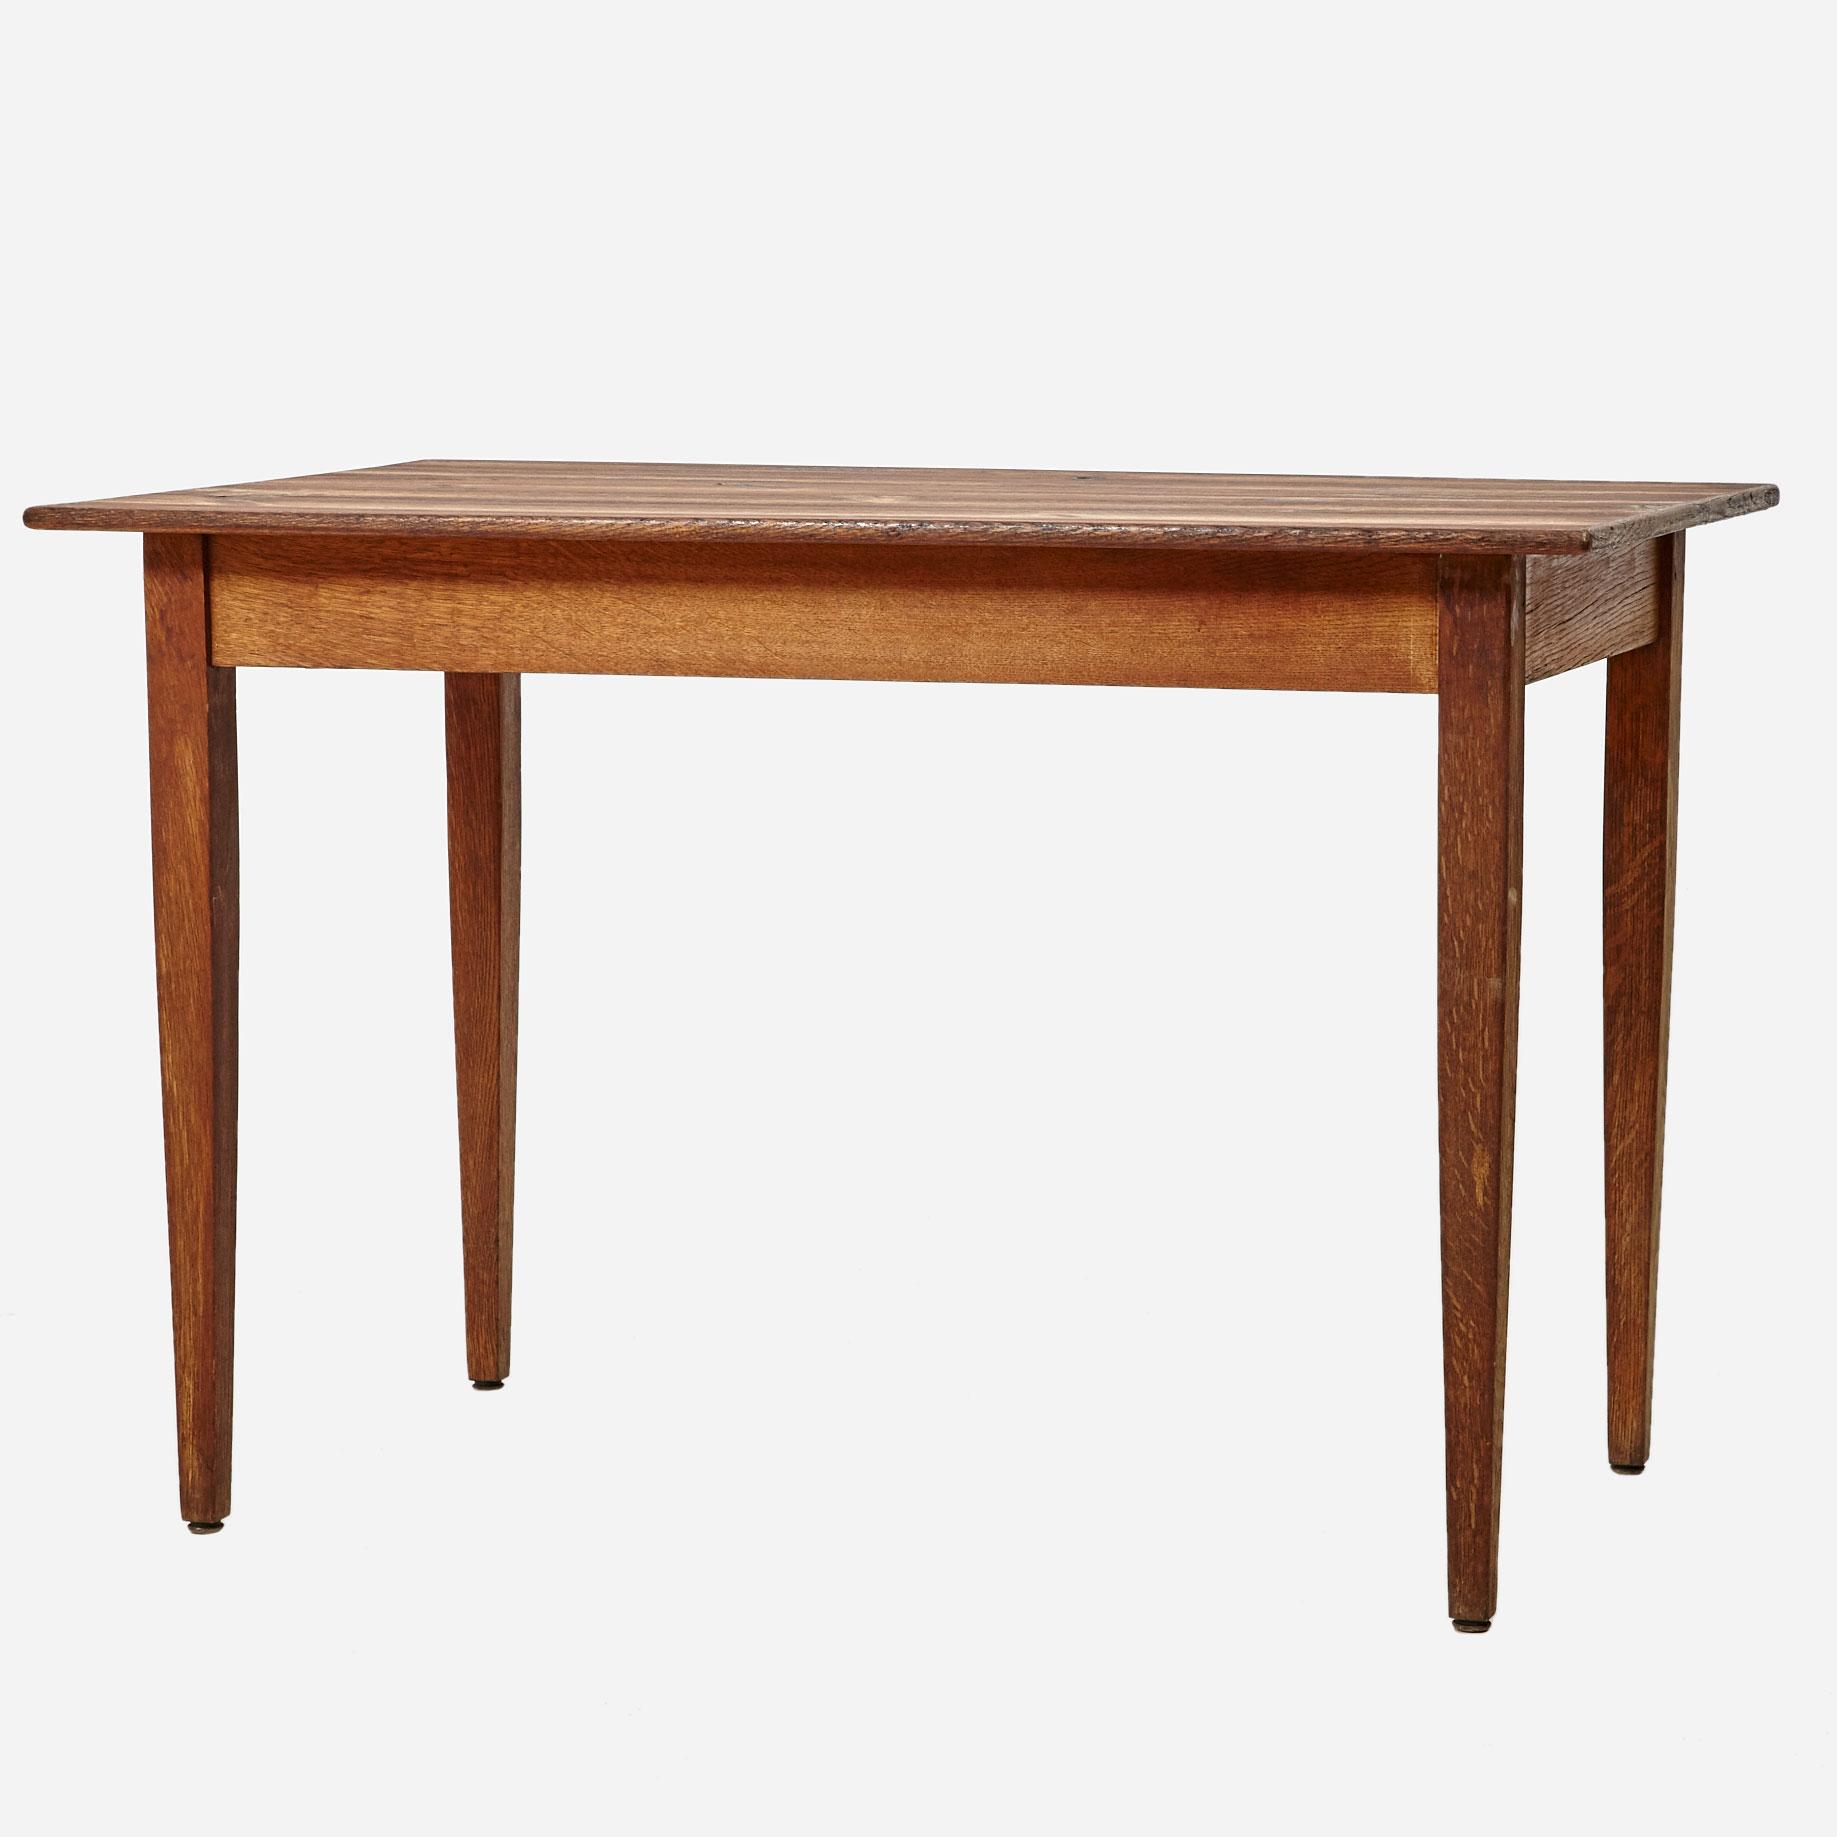 k chentisch aus tannenholz geschliffen und ge lt m bel. Black Bedroom Furniture Sets. Home Design Ideas